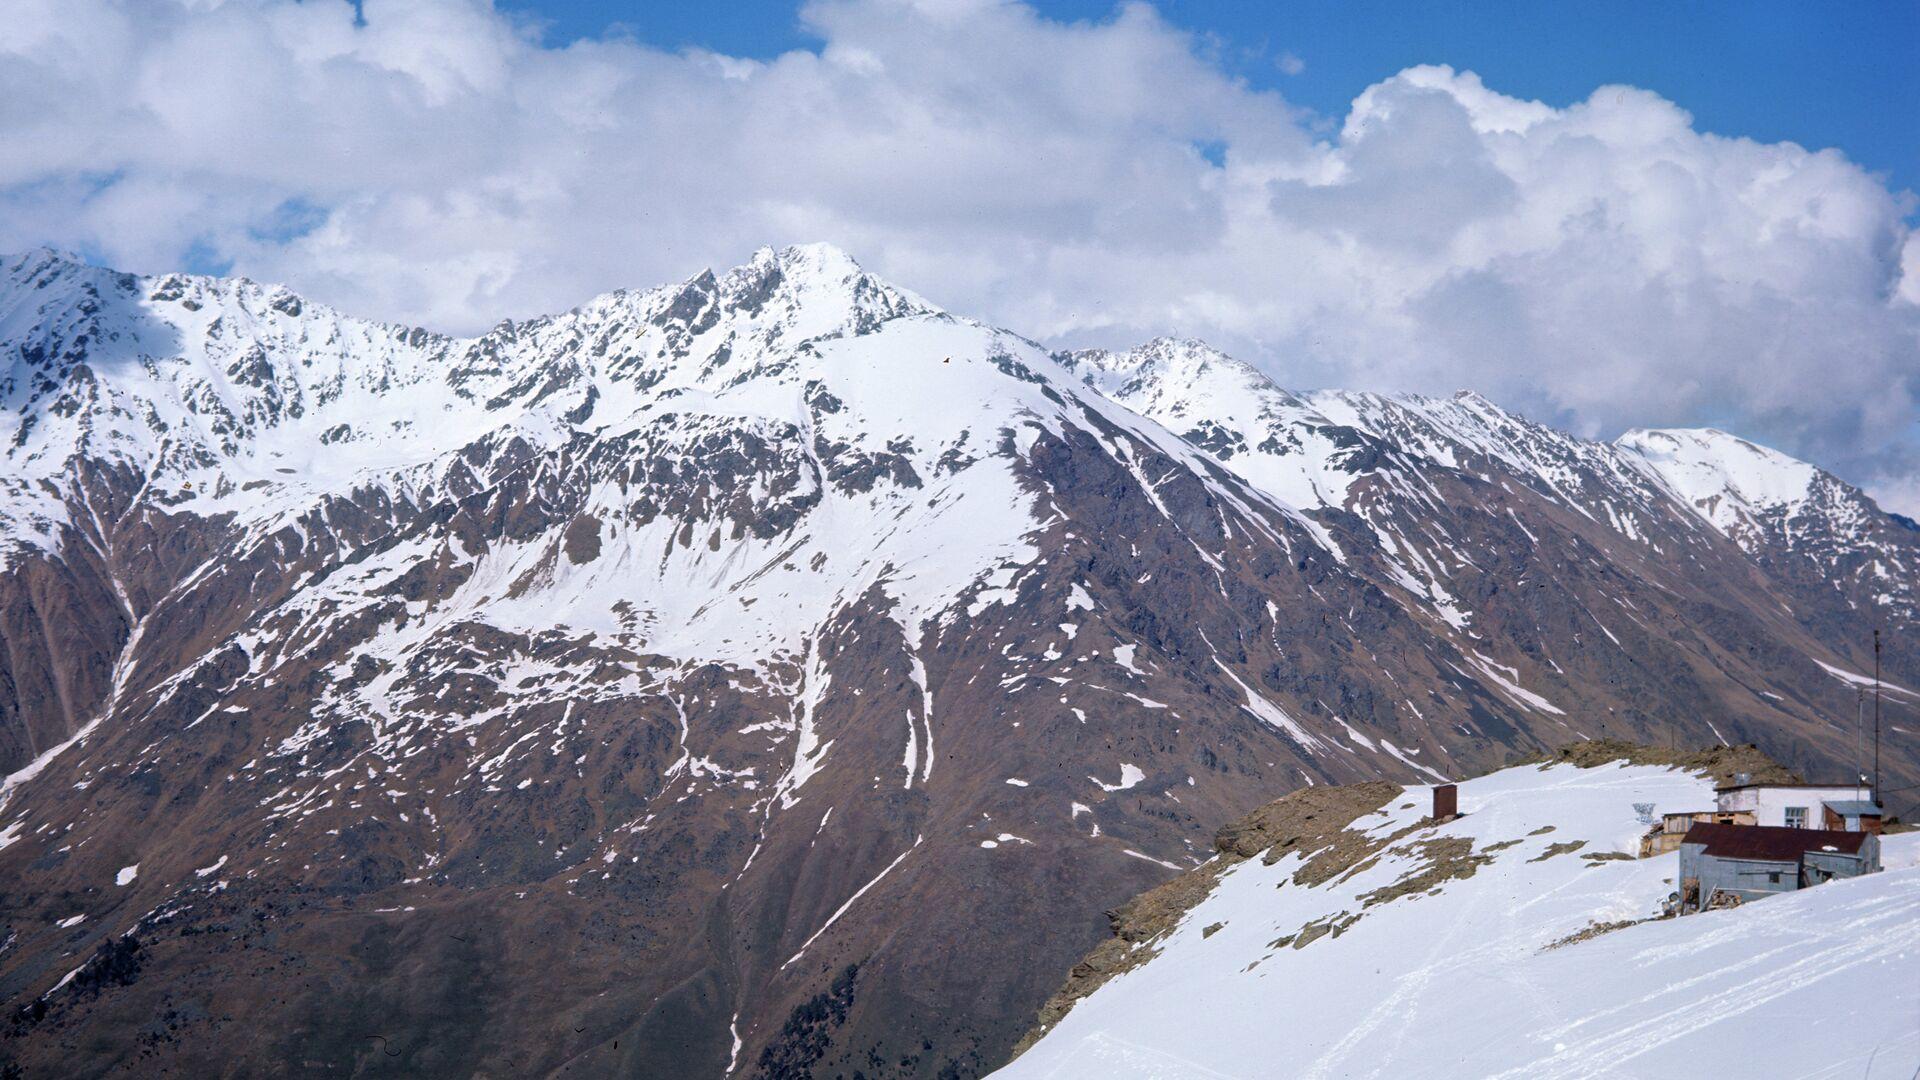 На Эльбрусе нашли тела пропавших больше недели назад альпинистов